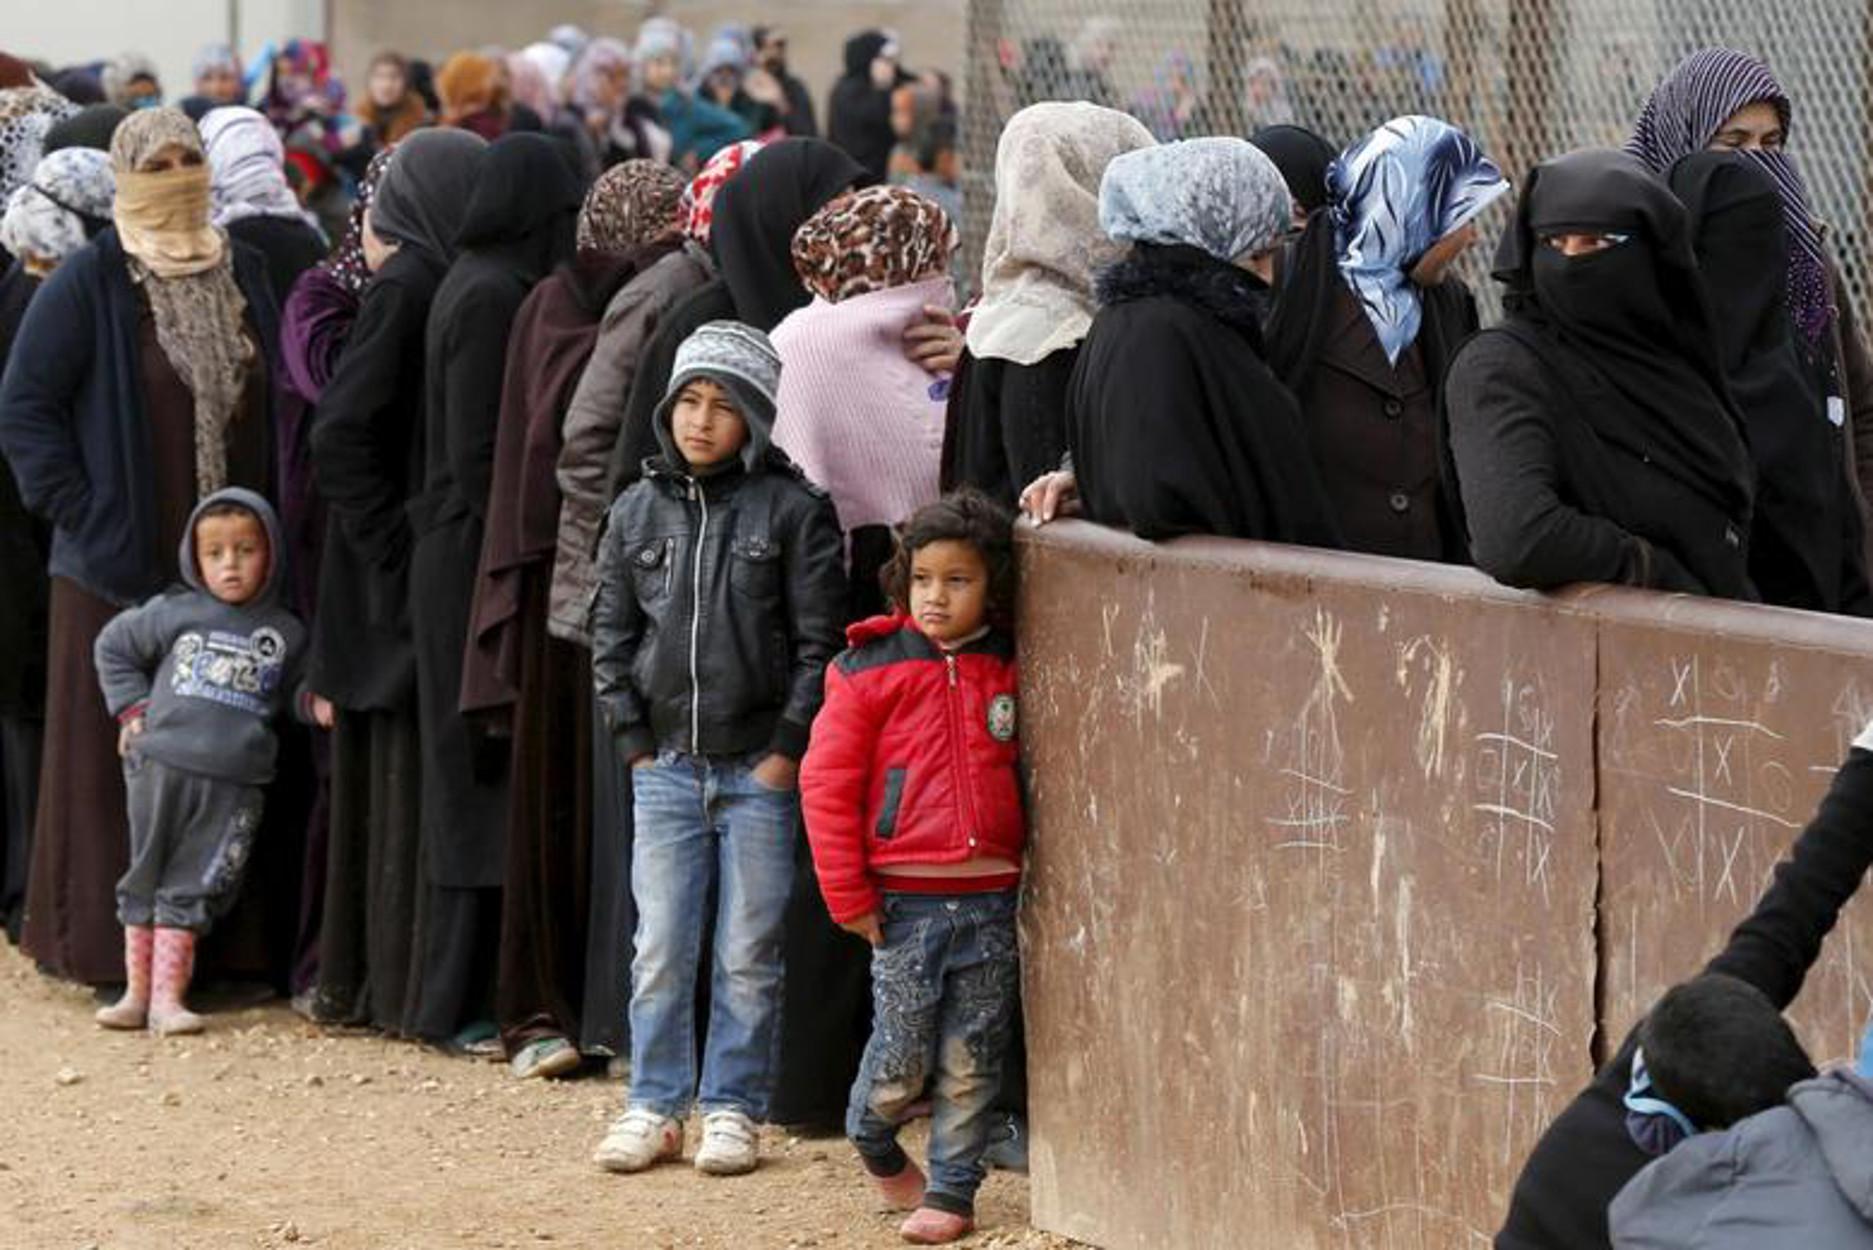 Το Λουξεμβούργο παίρνει προσφυγόπουλα από την Ελλάδα